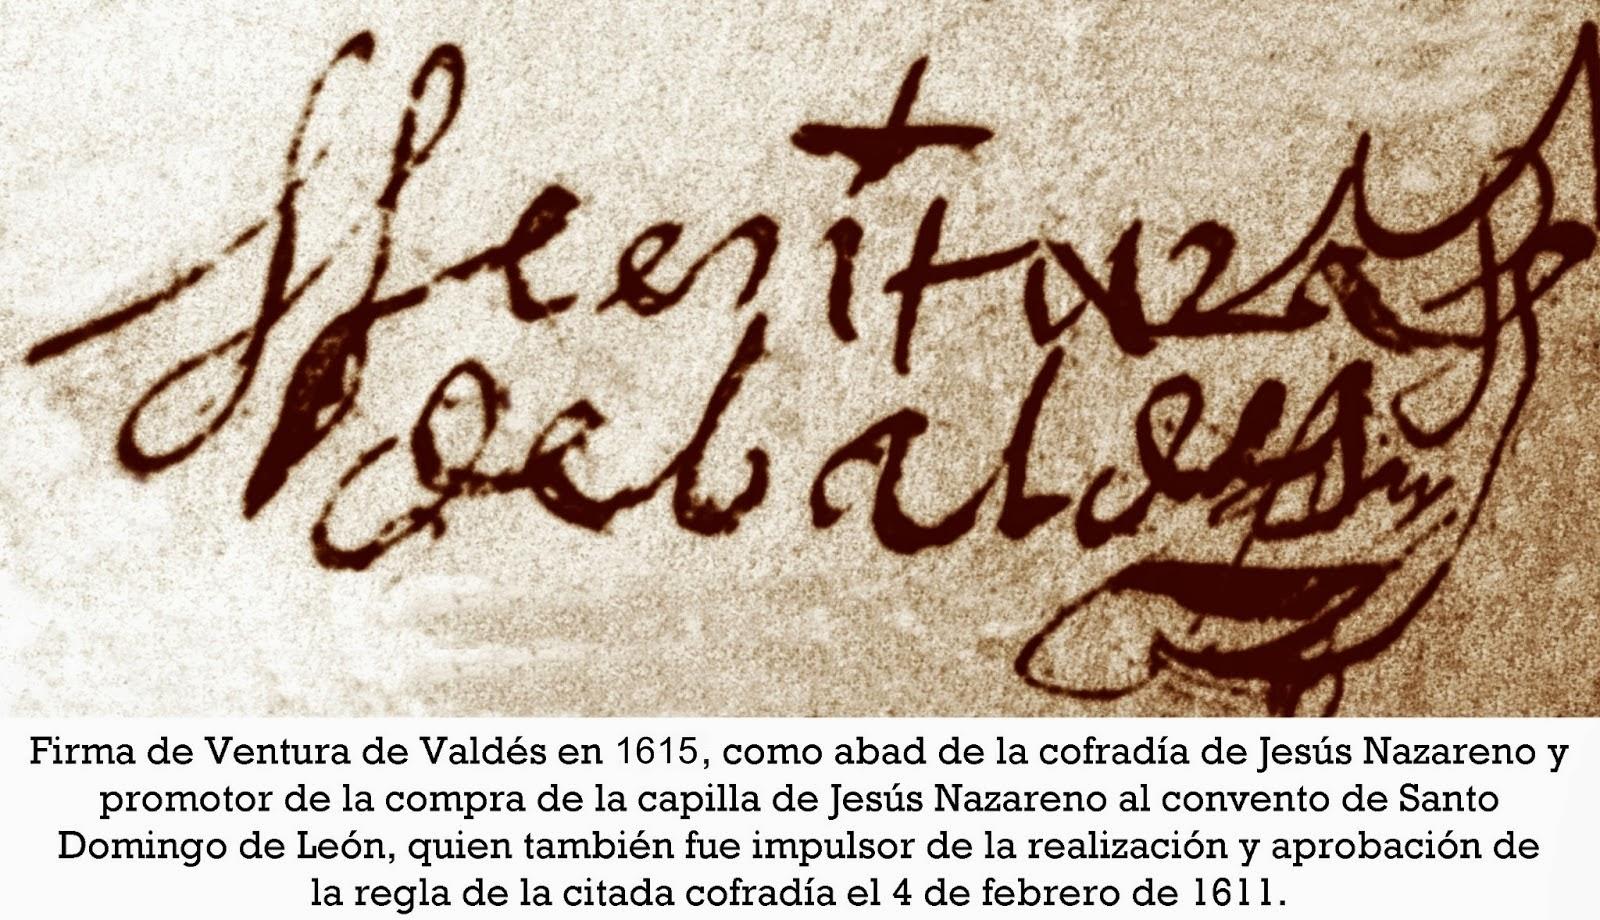 Firma de Ventura de Valdés en 1615, abad de la cofradía del Jesús Nazareno de León, ya en 1610. A.H.P.L. Foto G. Márquez.